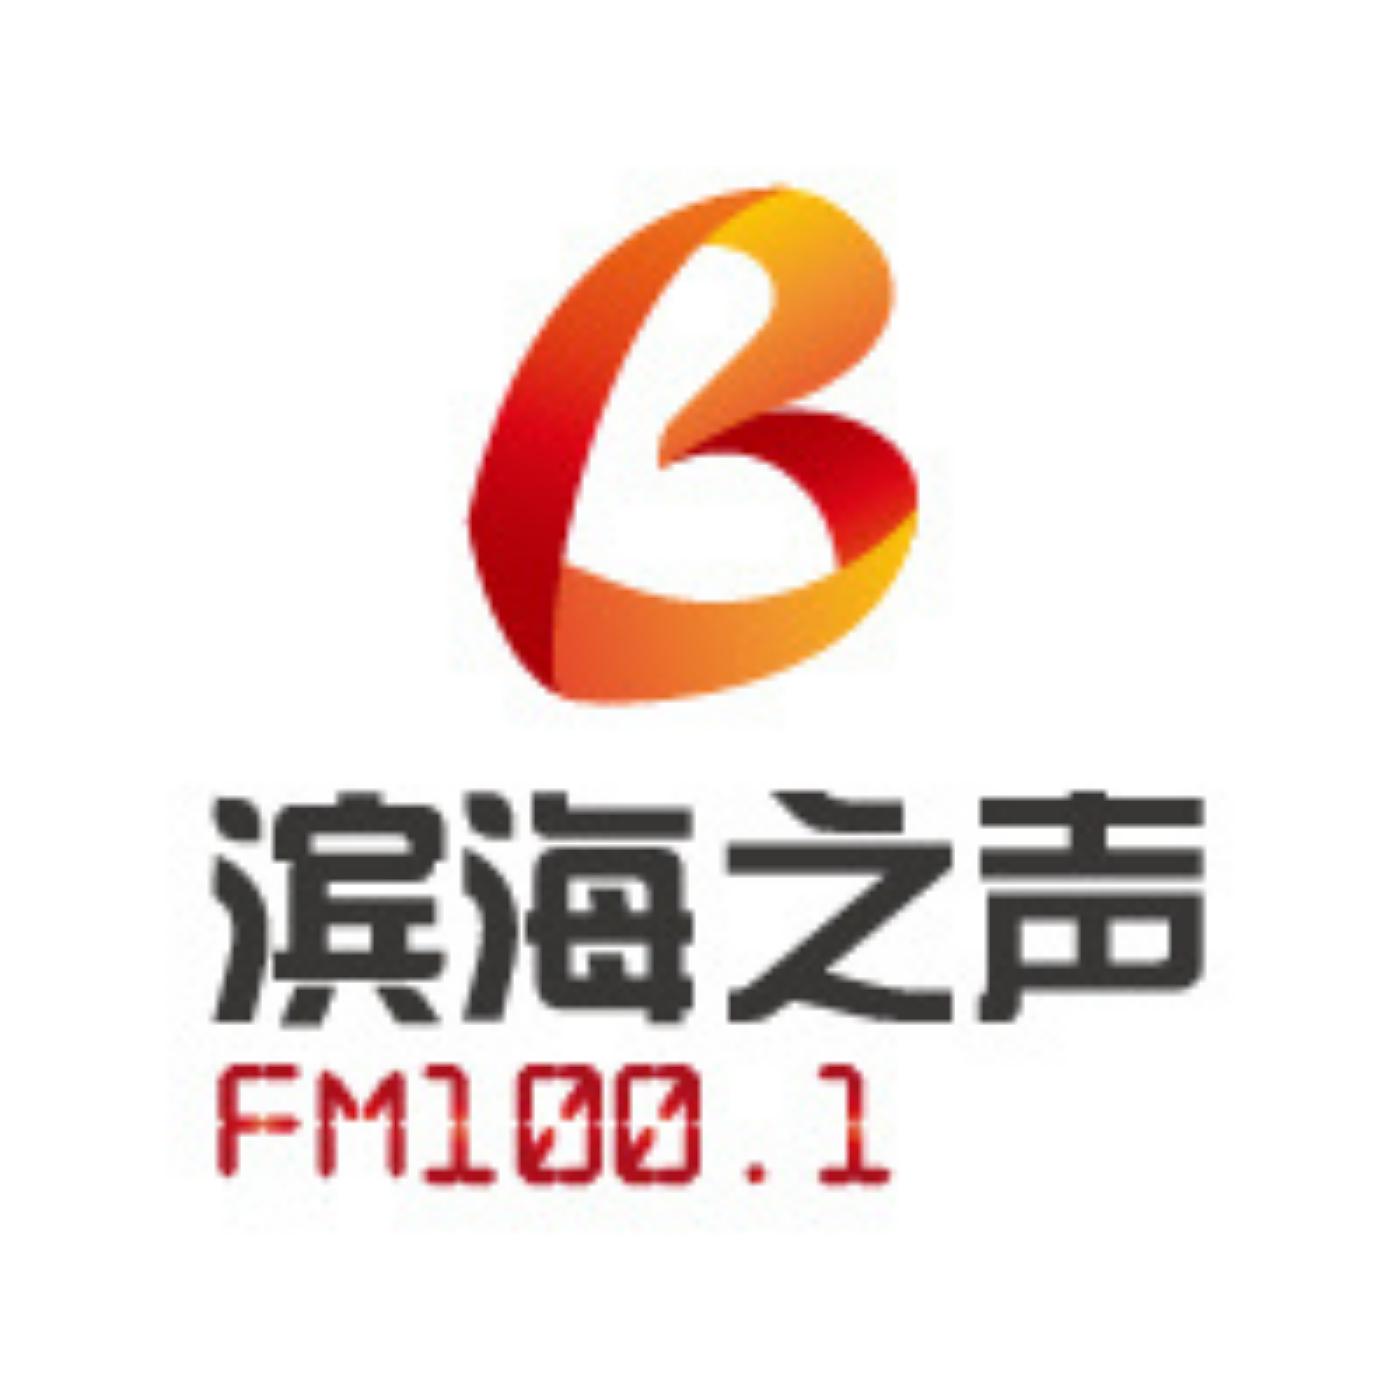 天津滨海之声广播